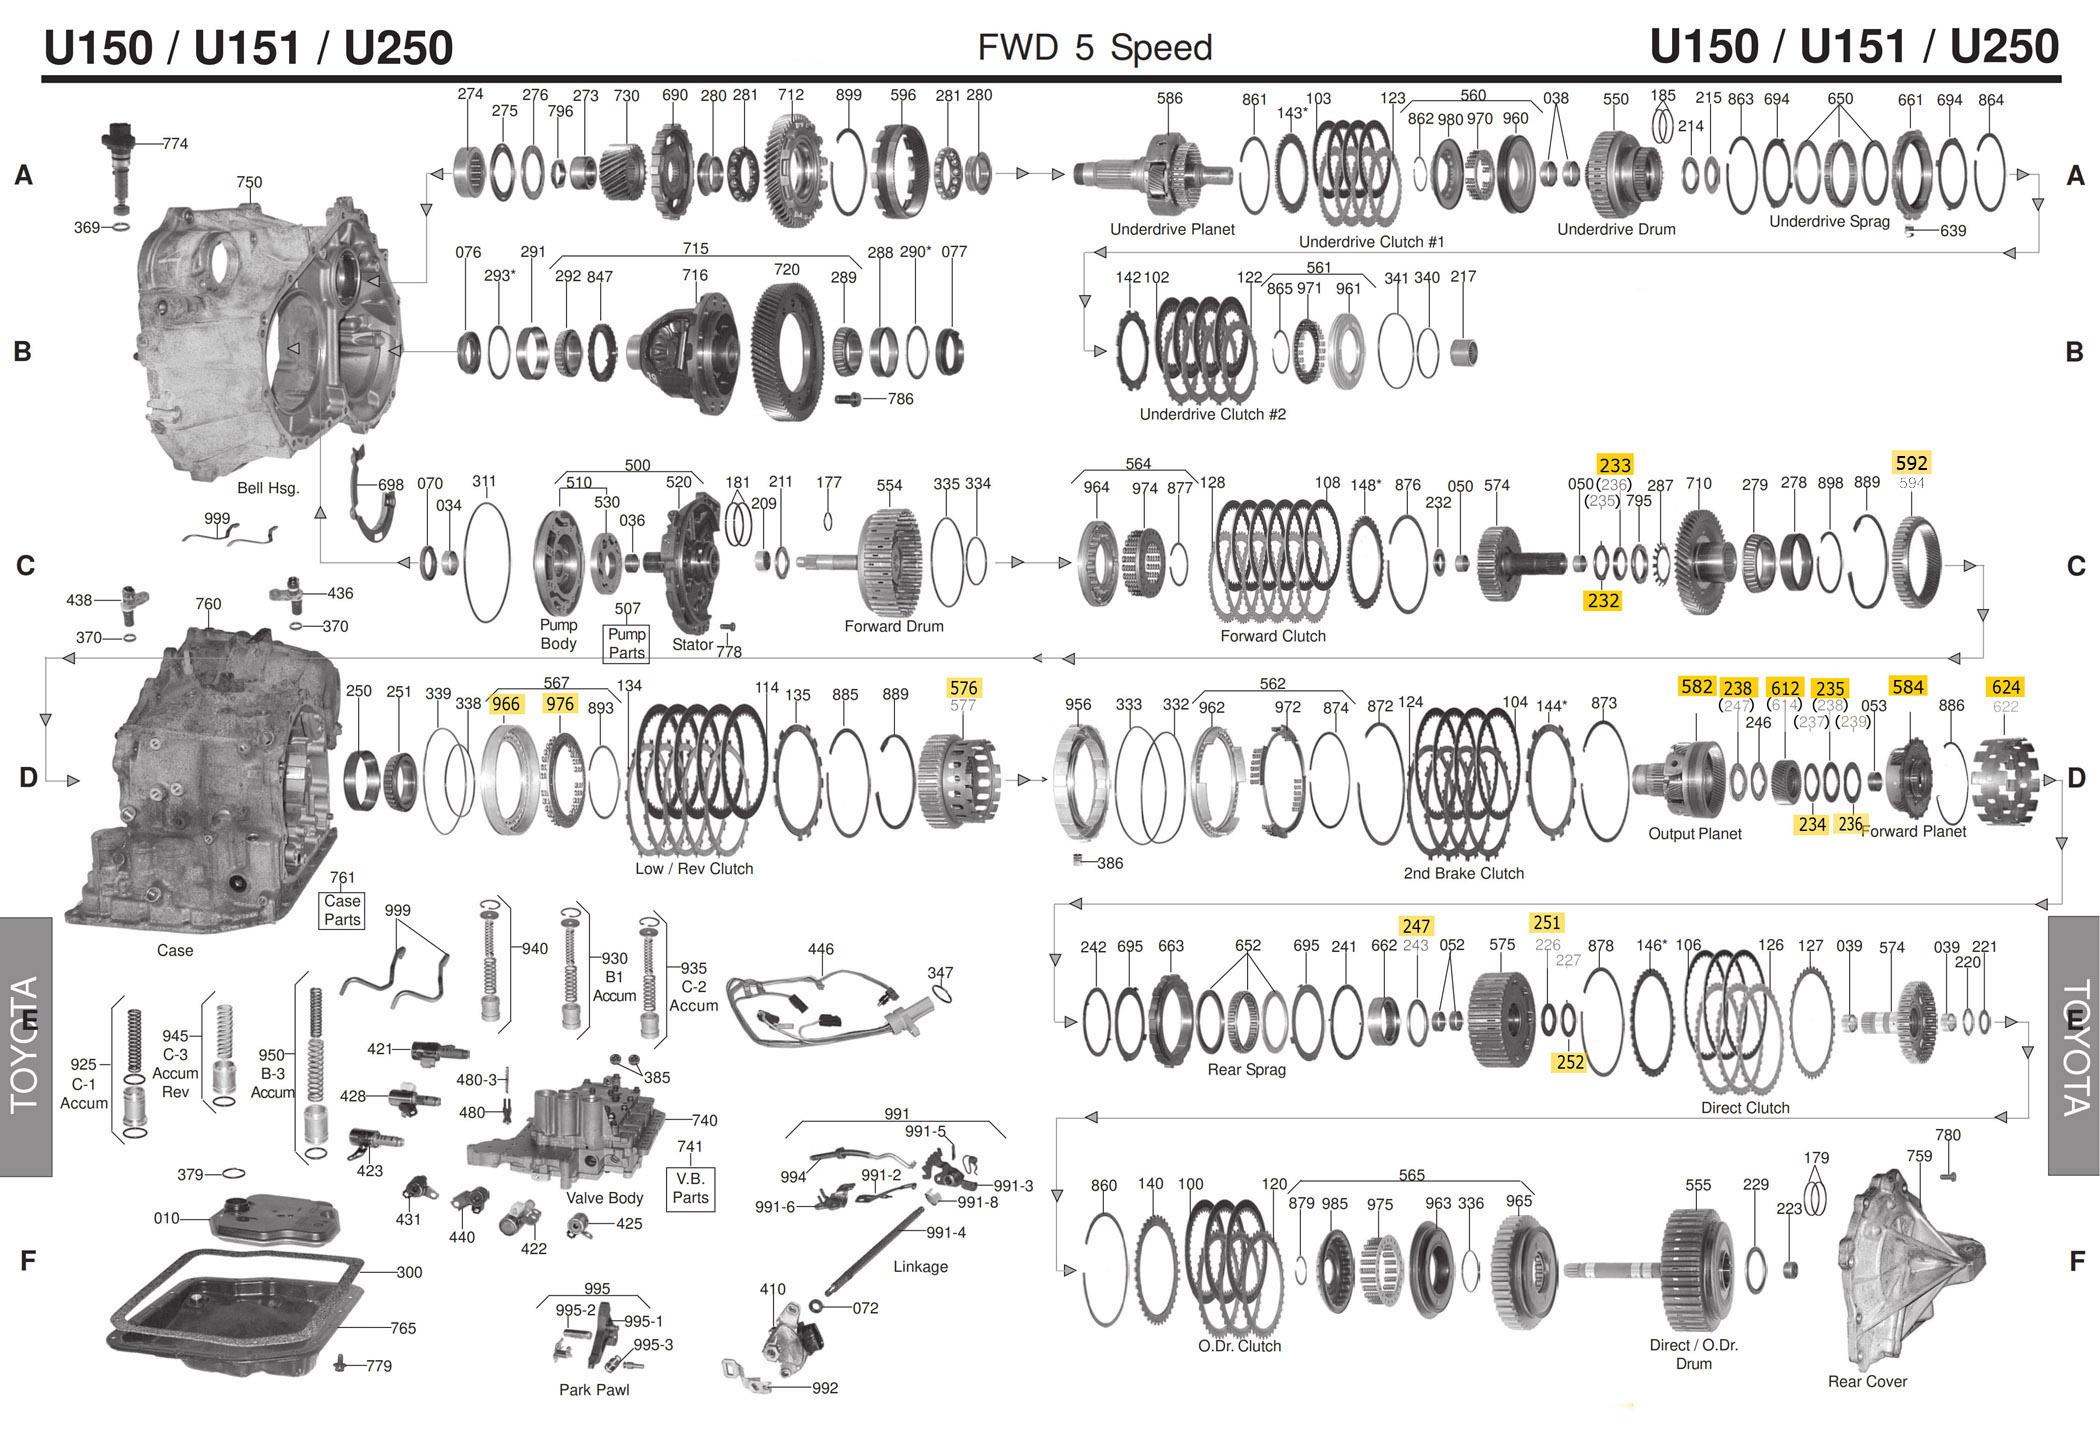 Руководство акпп U151 / U250